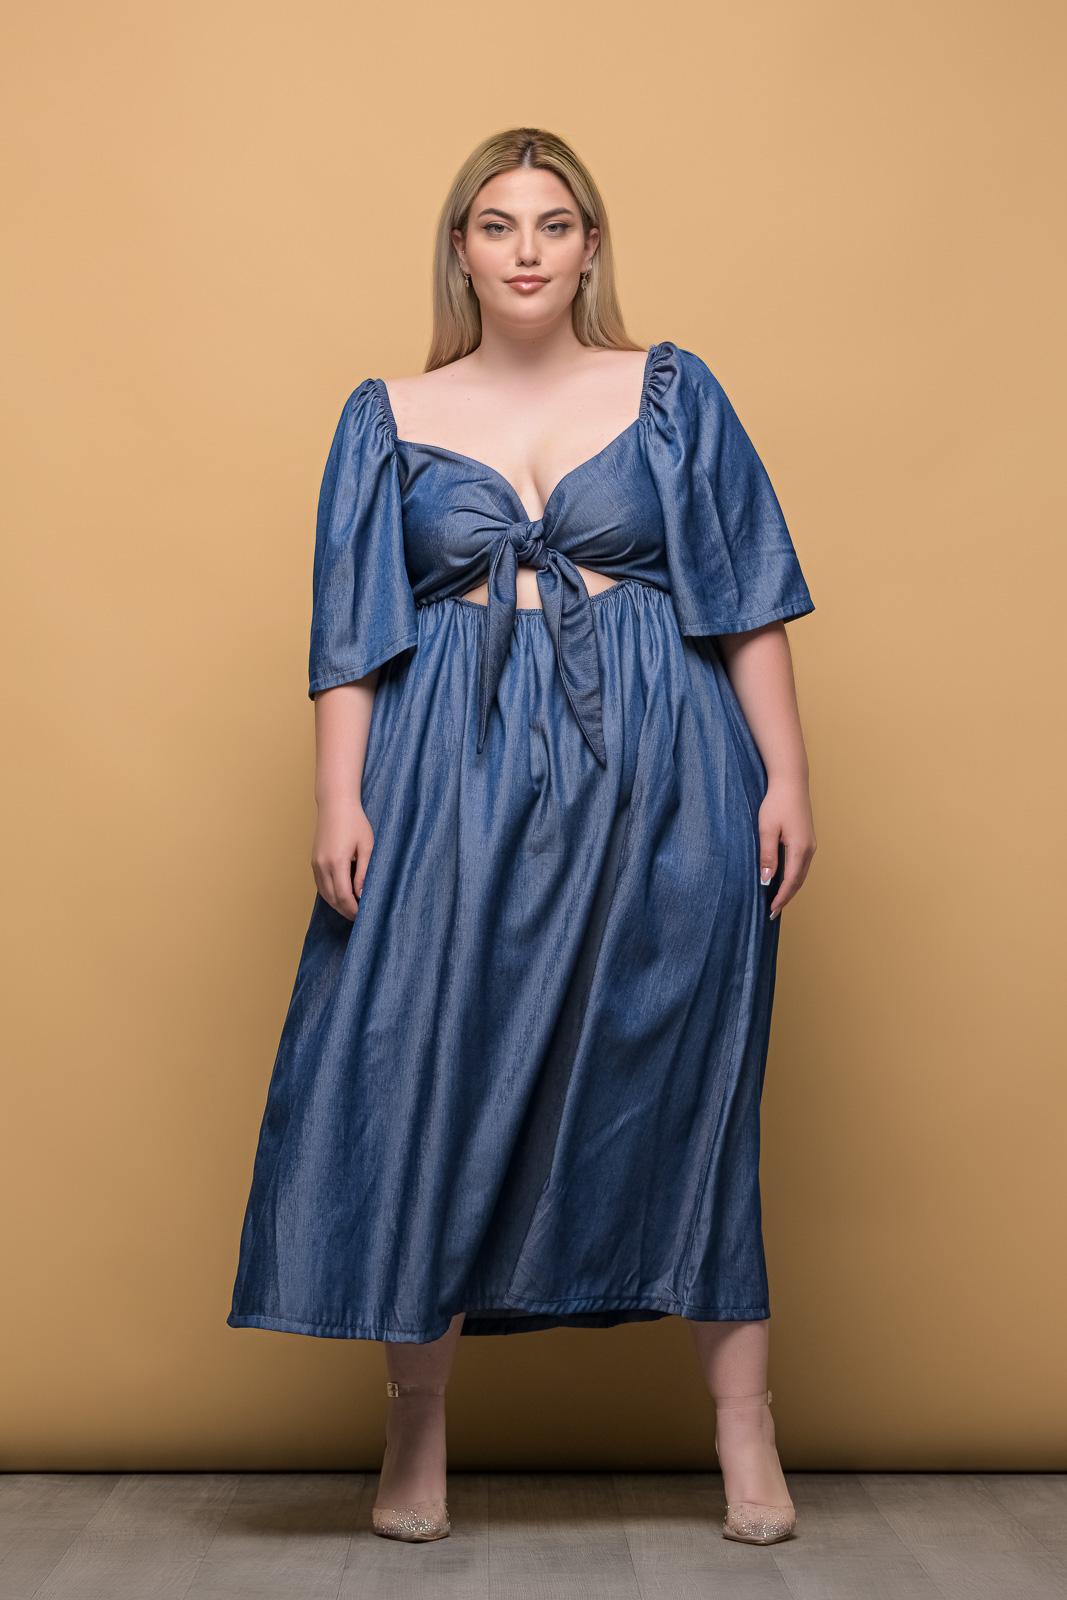 Φόρεμα τζιν με δέσιμο στο στήθος και λάστιχο στη μέση